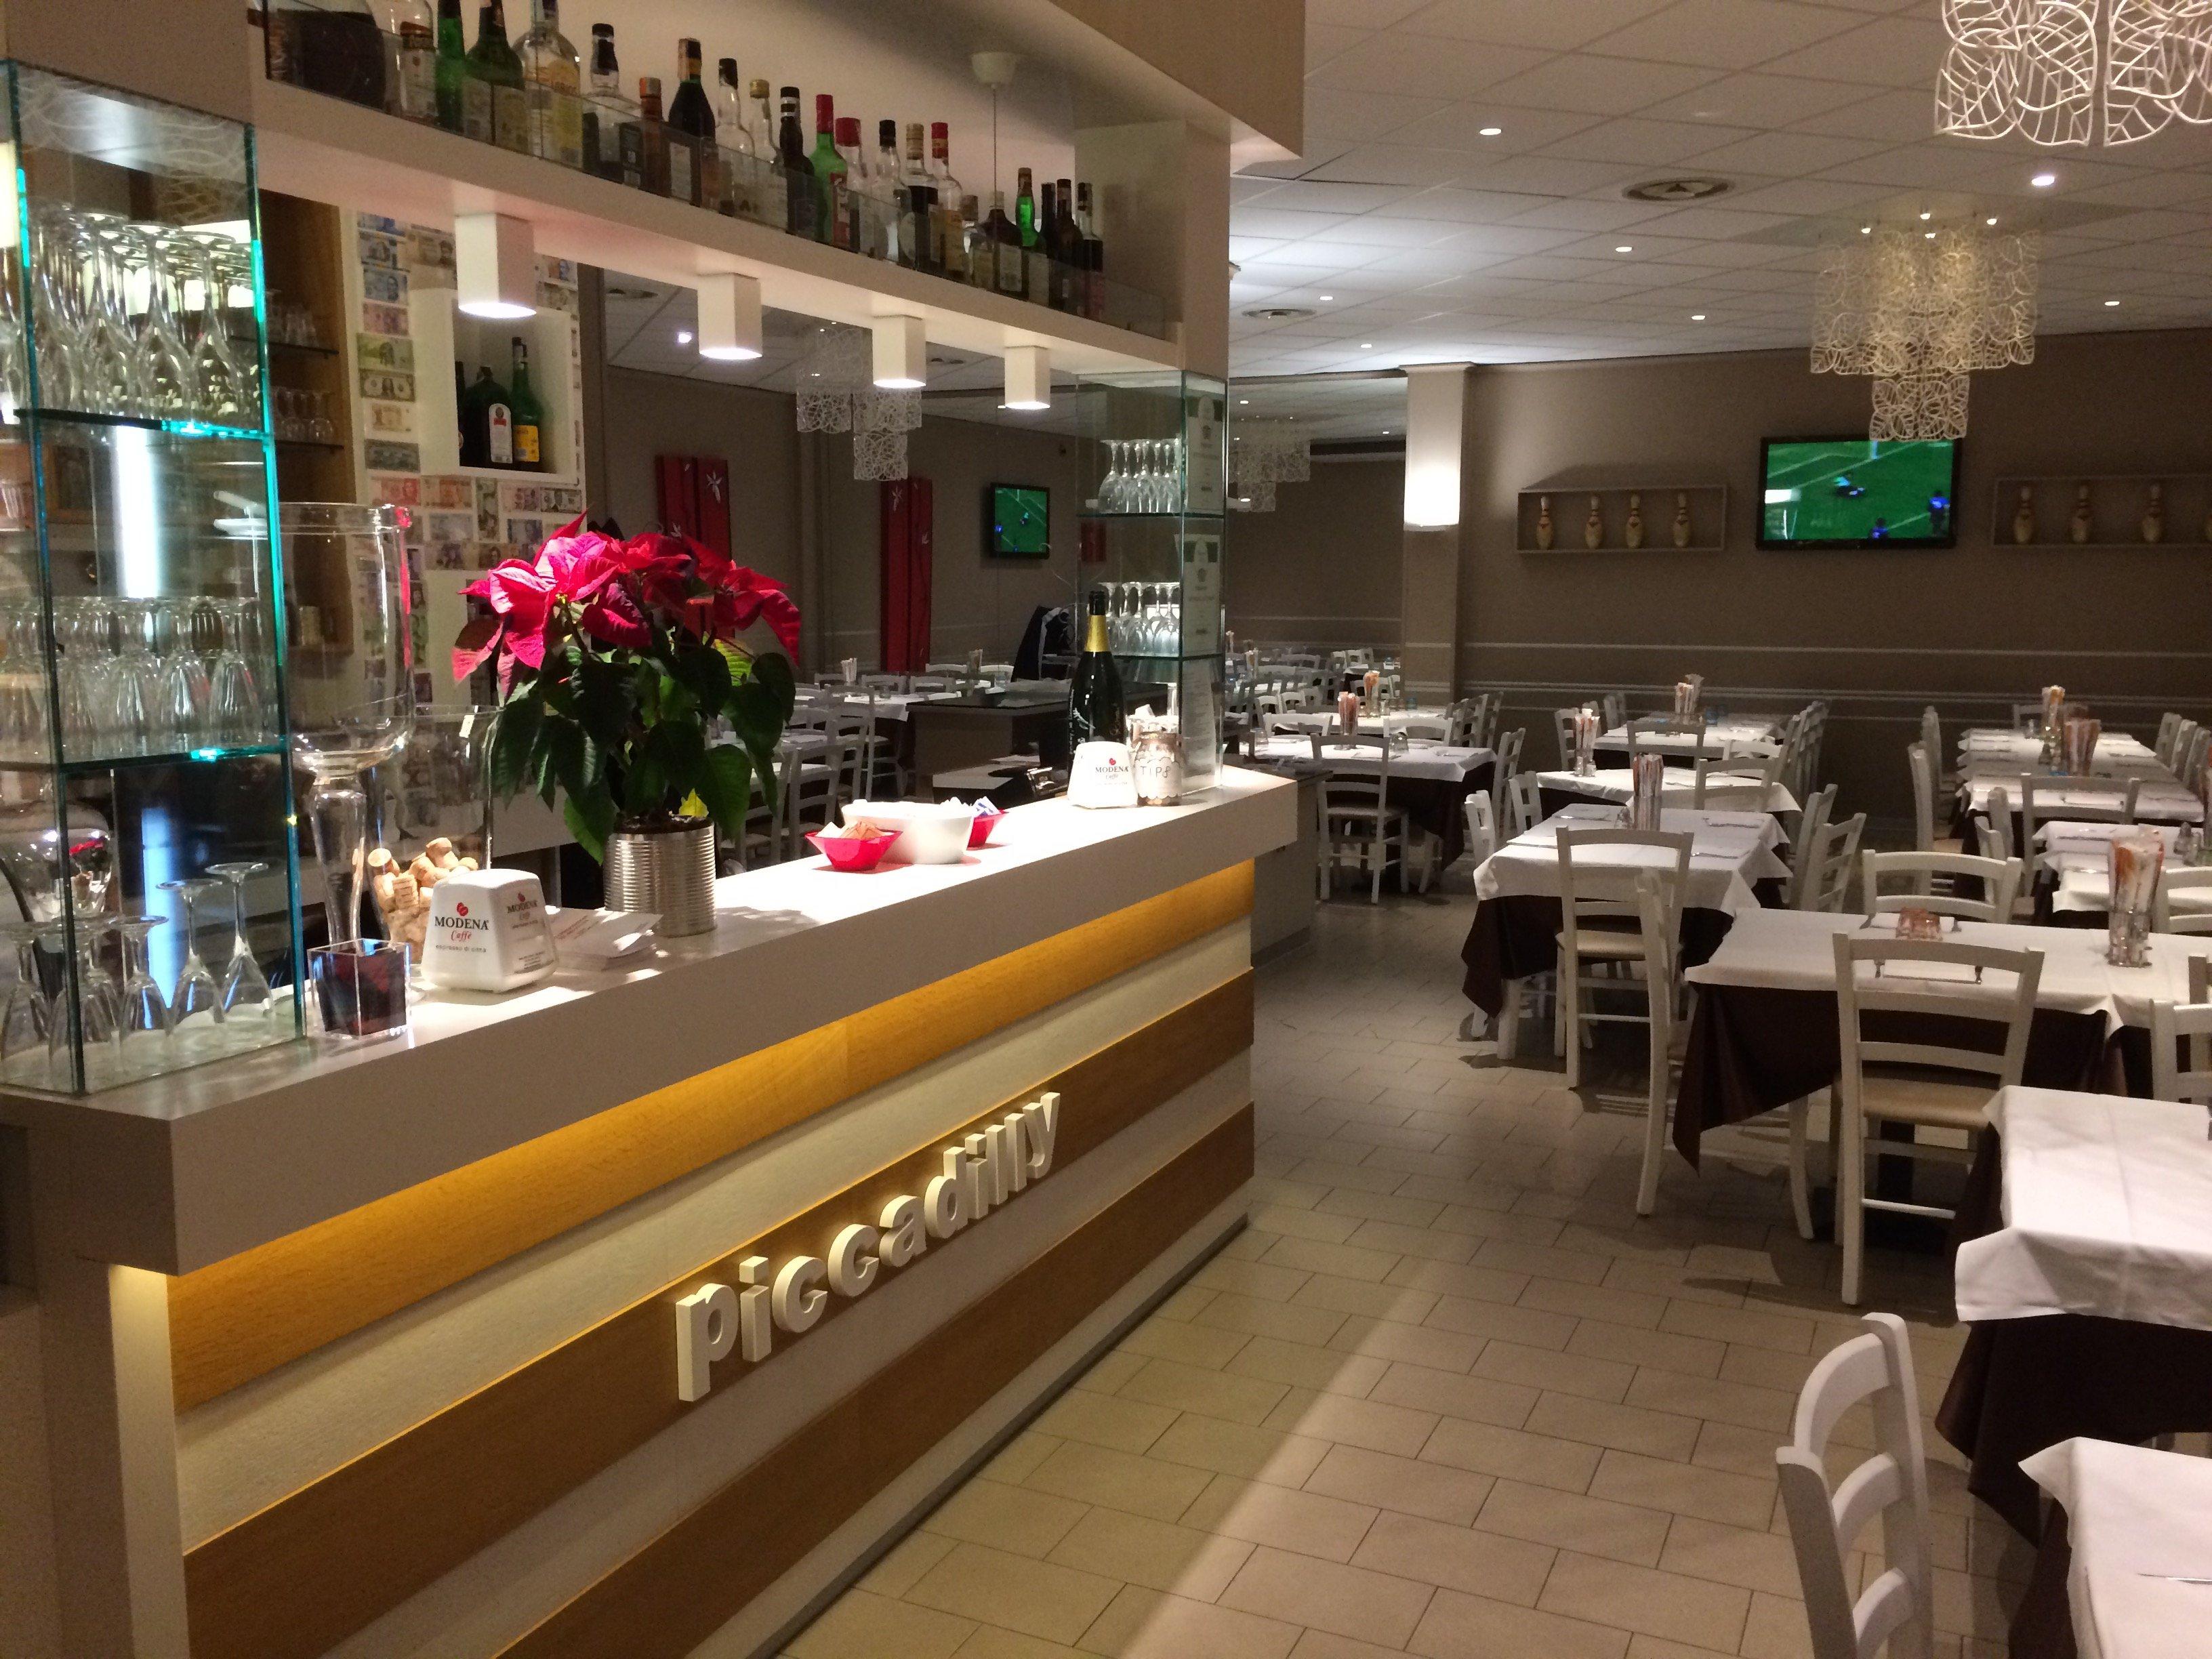 Ristorante Pizzeria Piccadilly